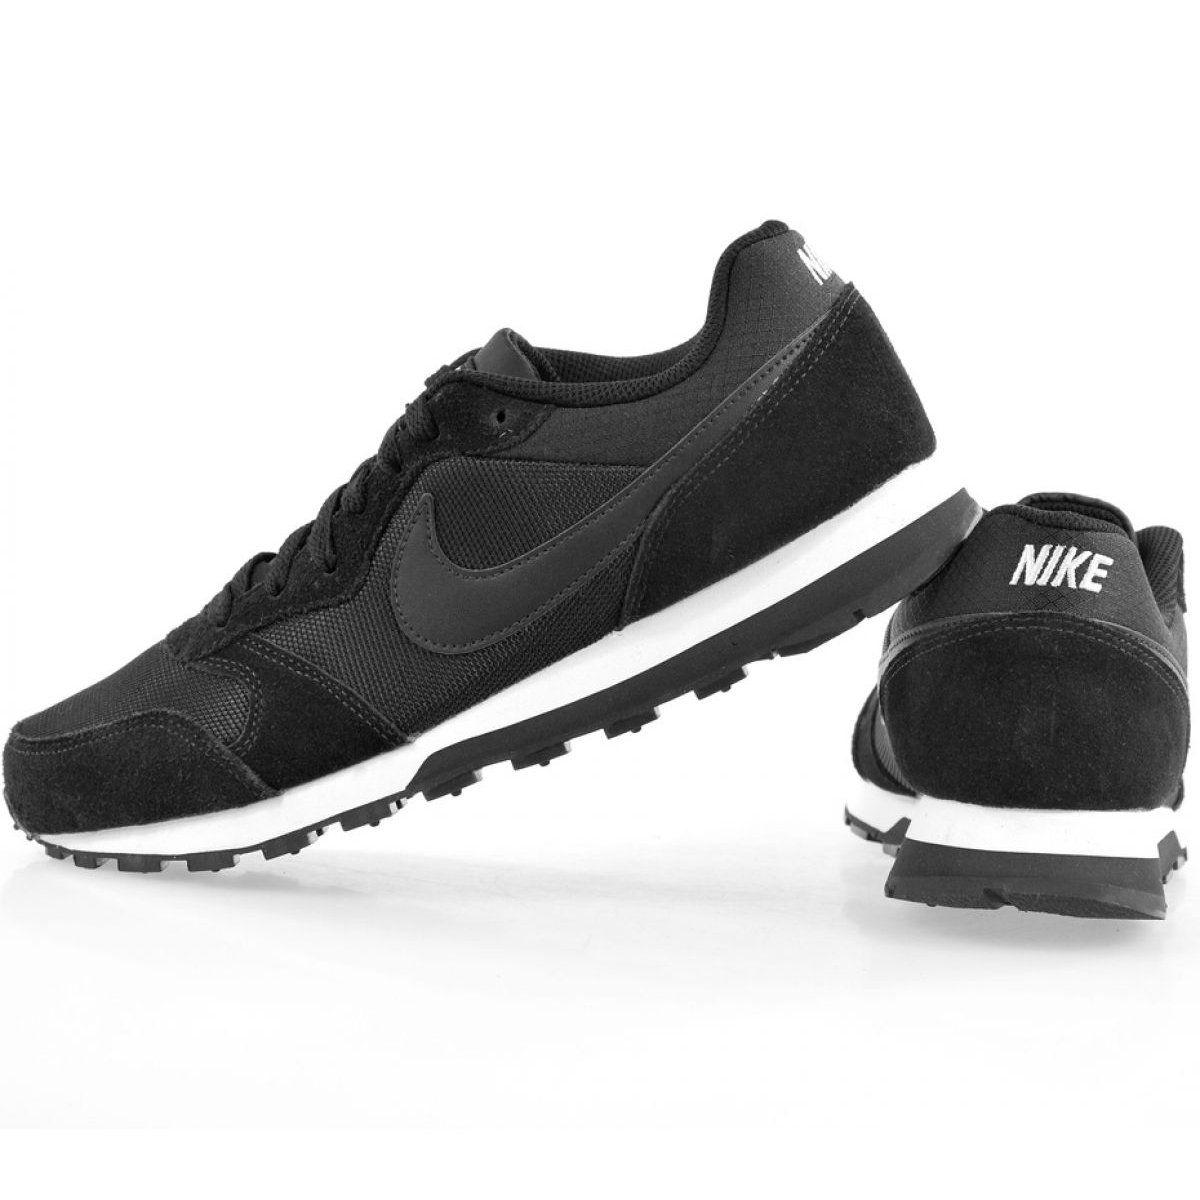 Buty Nike Md Runner 2 W 749869 001 czarne in 2020 | Buty